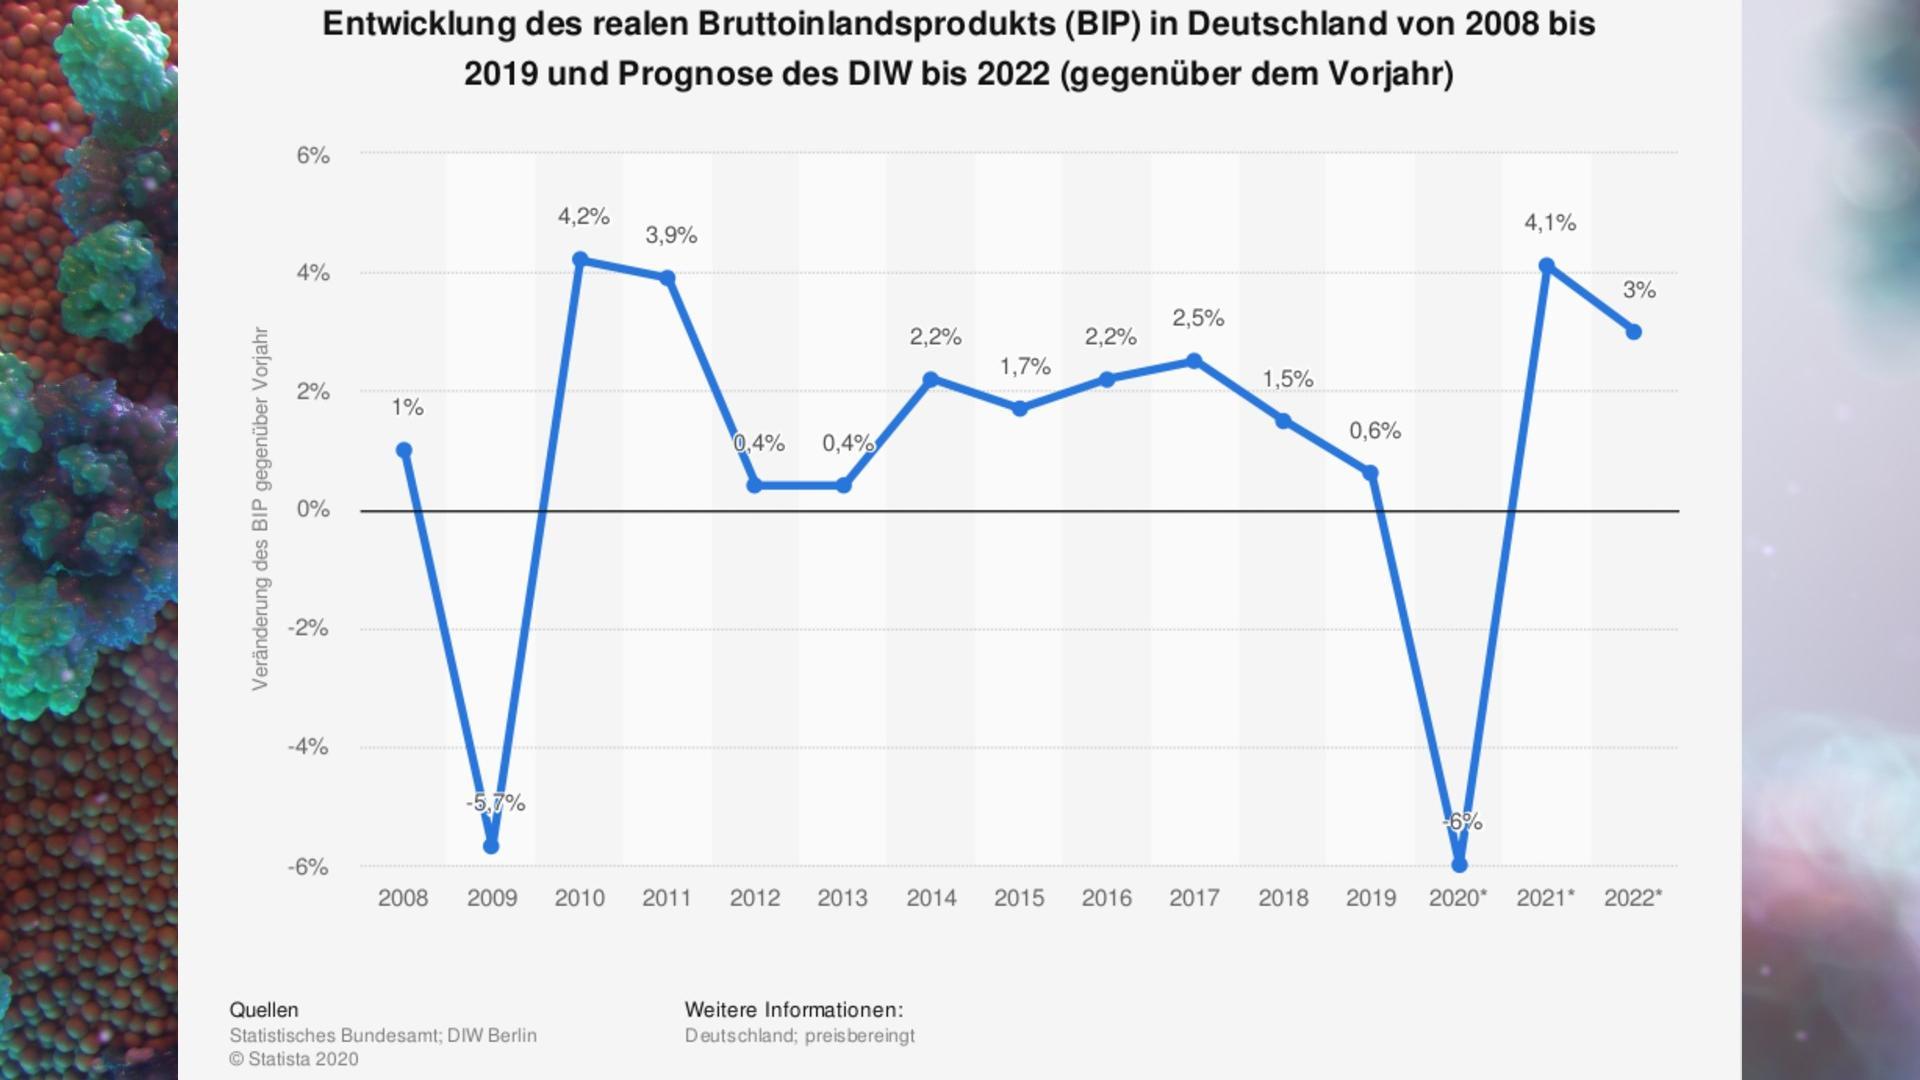 Entwicklung des BIP von 2008 bis 2019 und Prognose bis 2022